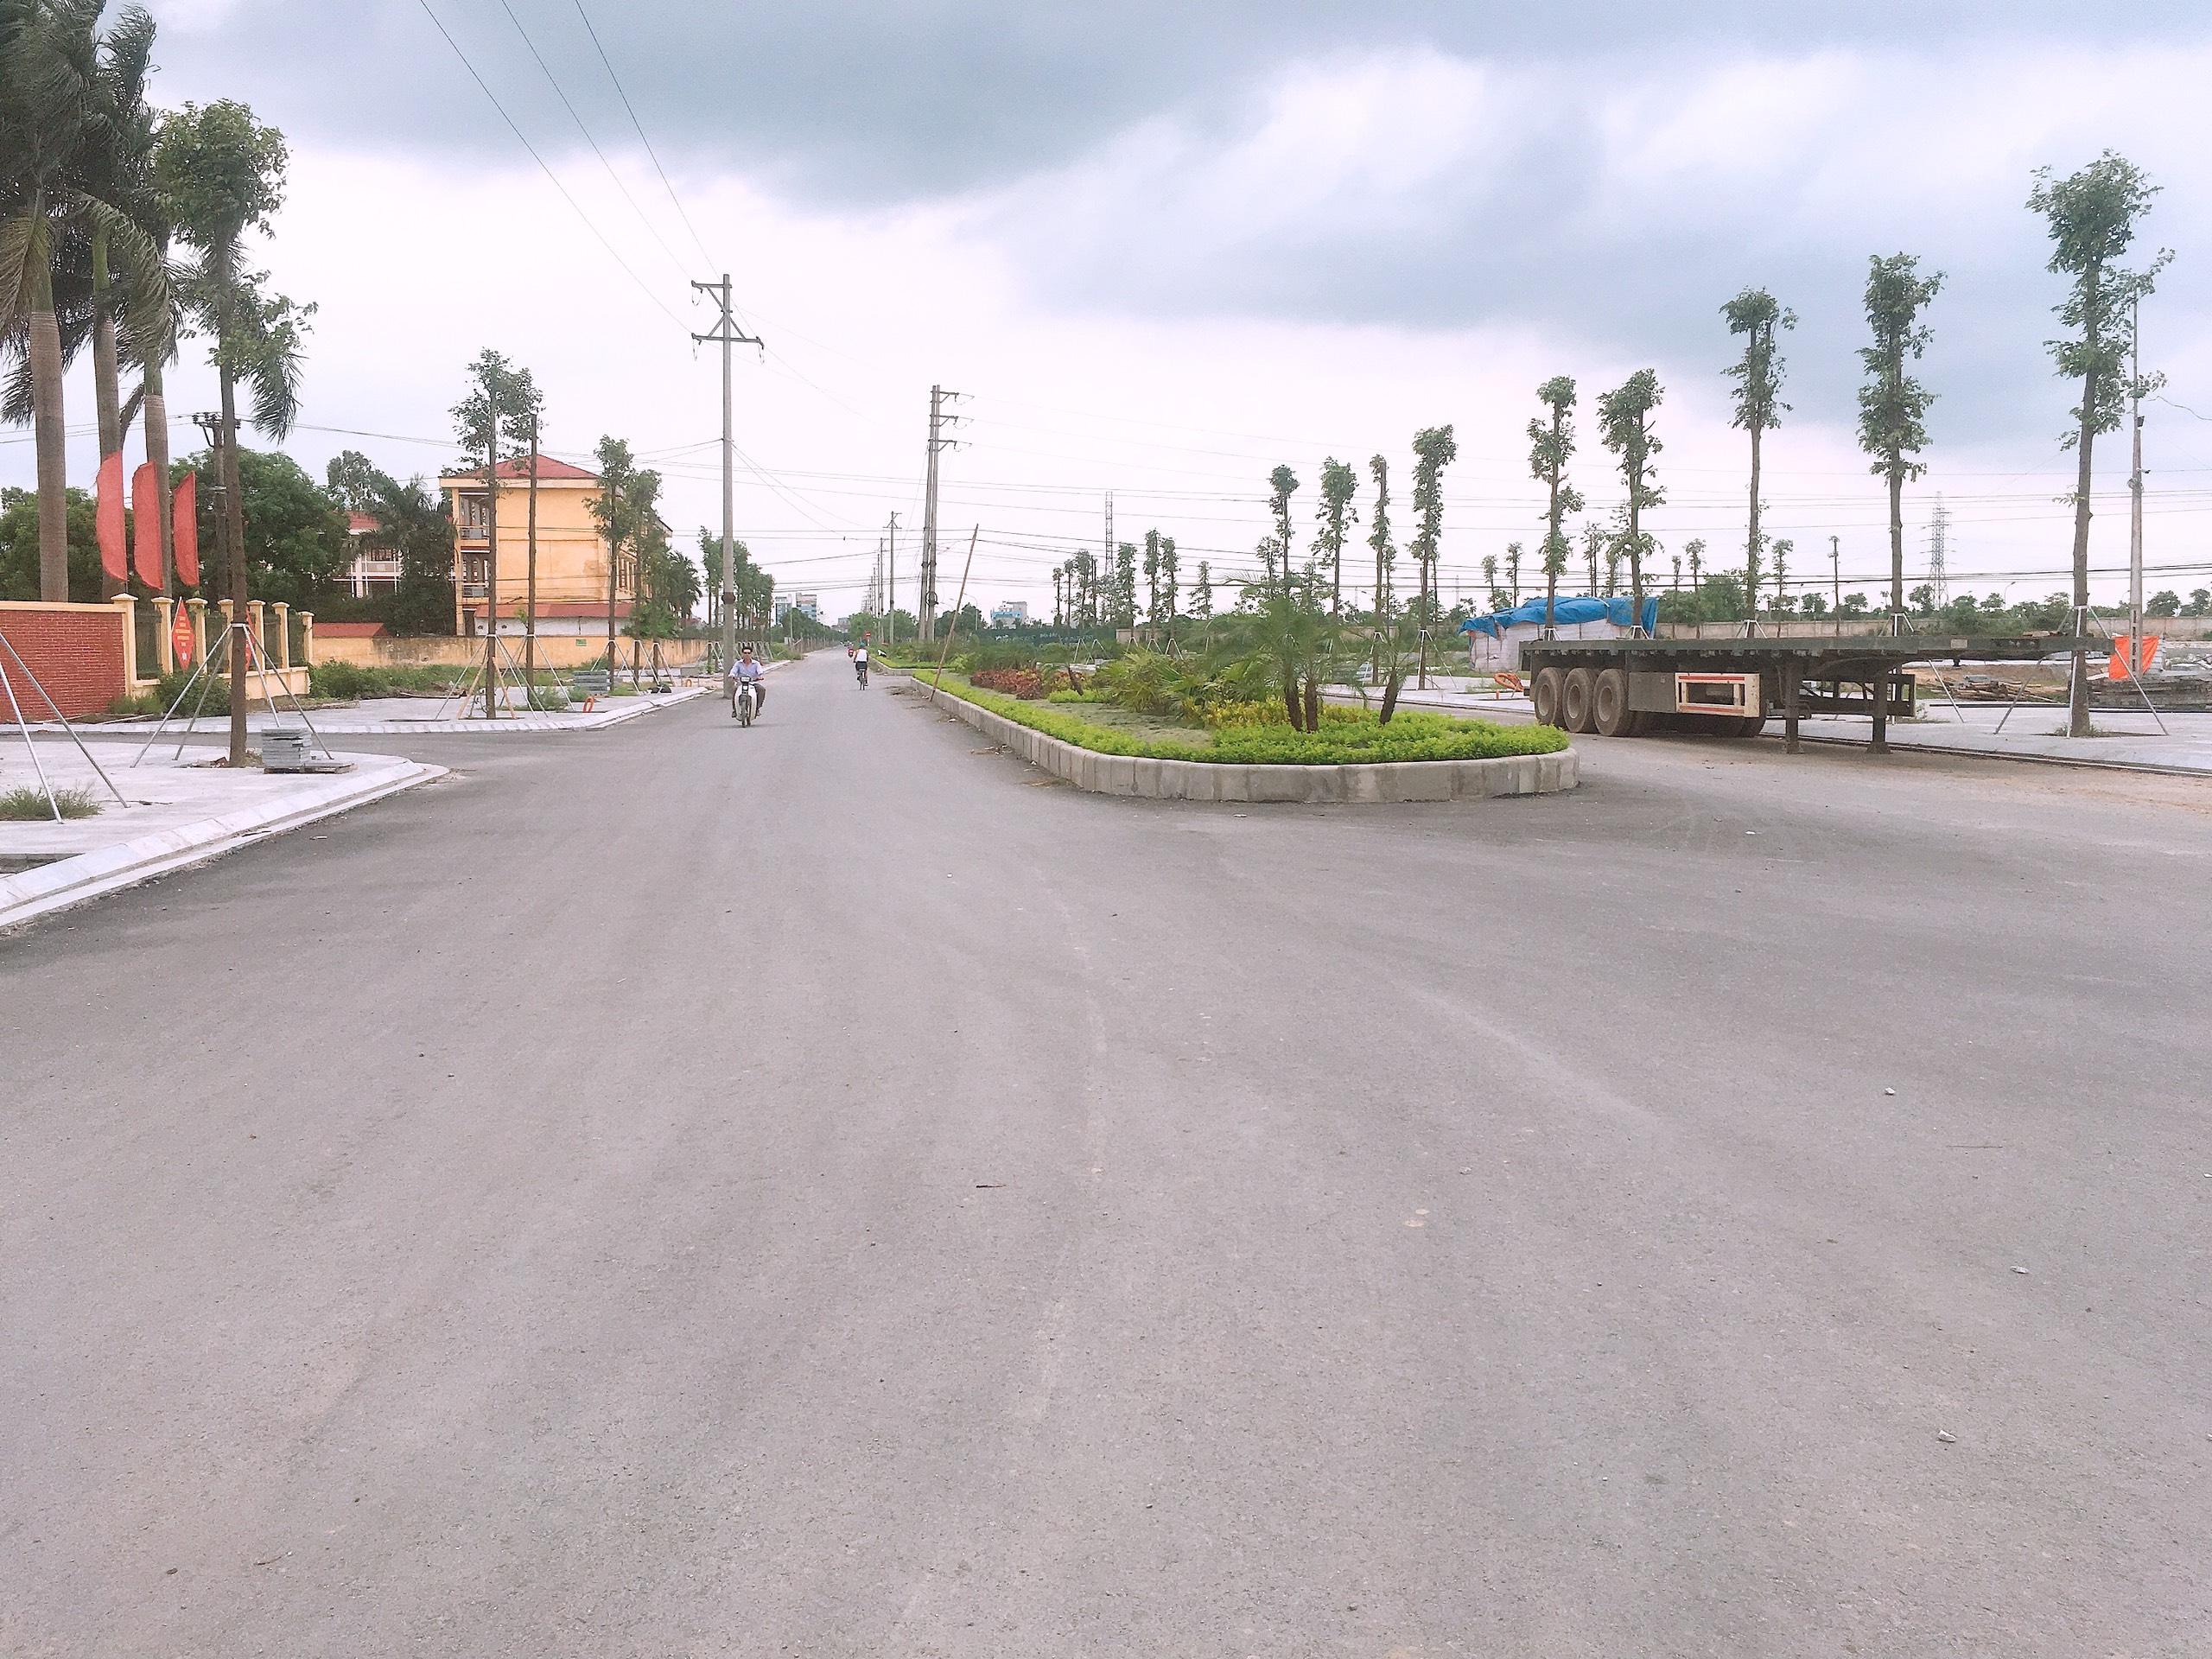 Một trong các tuyến đường đã được hoàn thiện và đi vào hoạt động